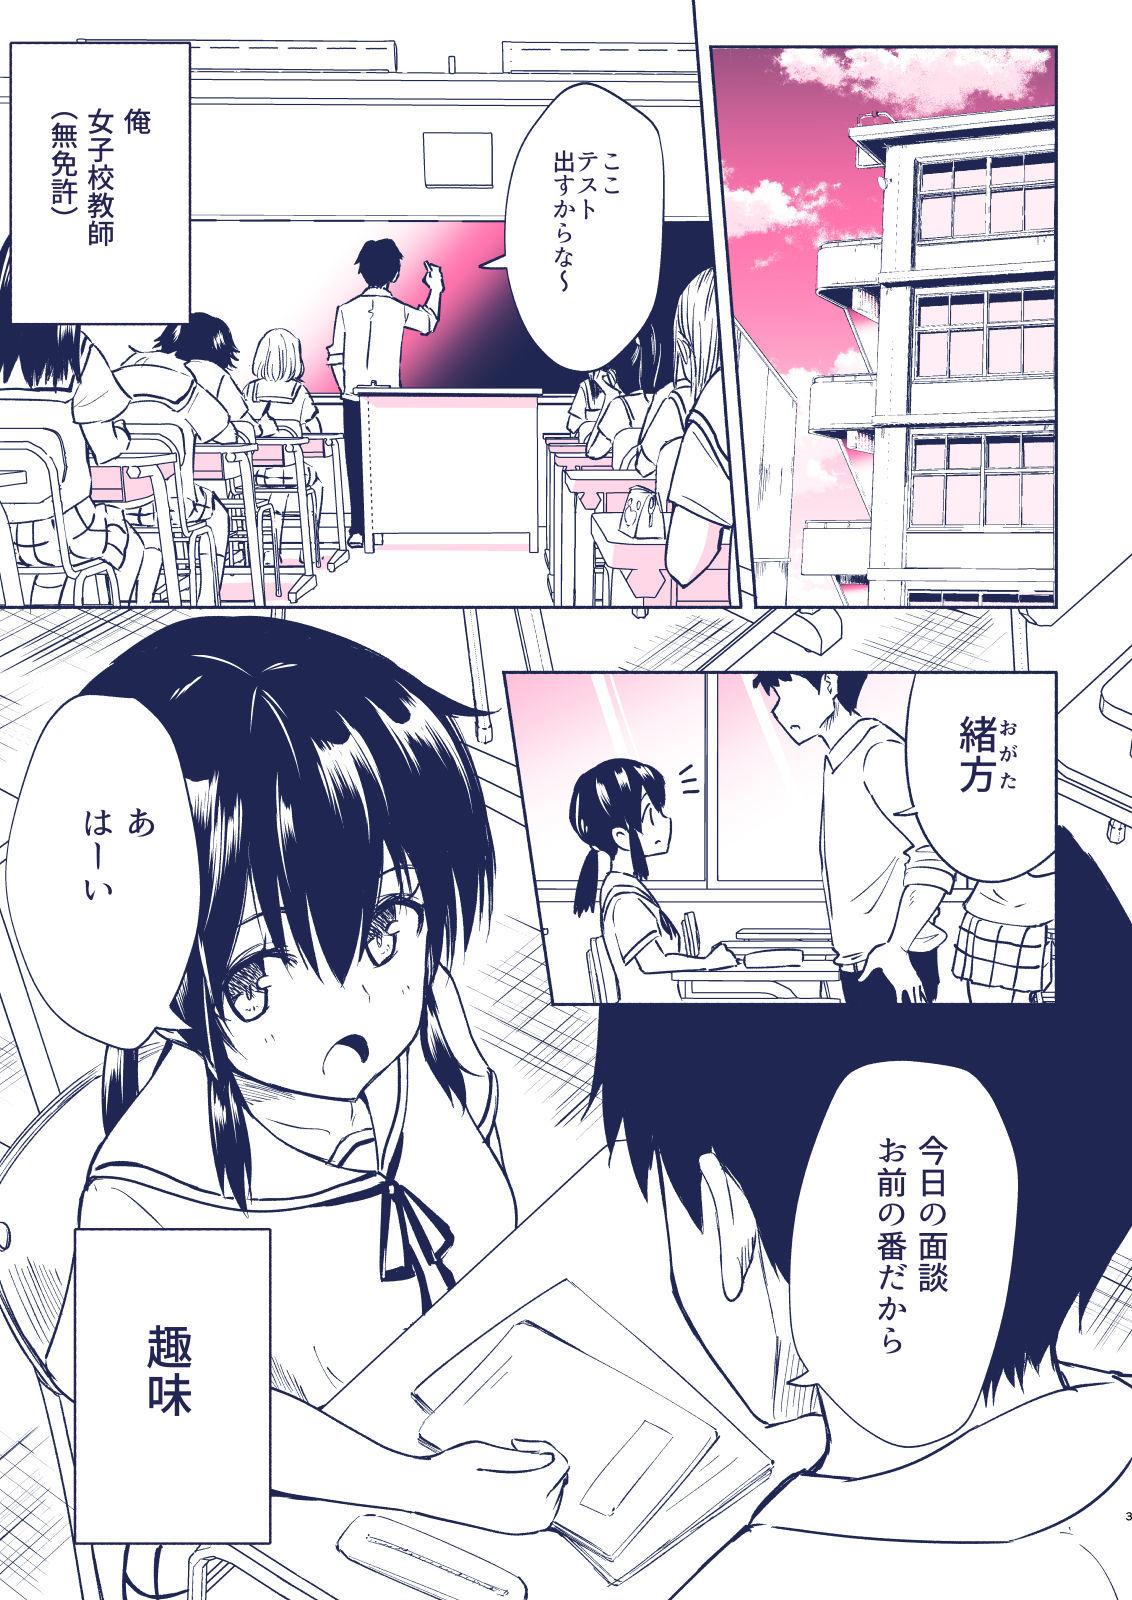 セックススマートフォン〜ハーレム学園編4〜のサンプル画像1